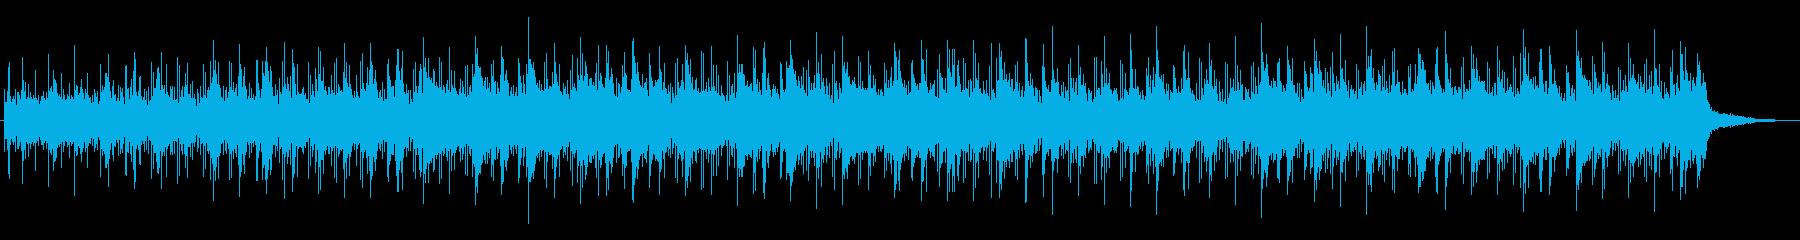 美しい透明感サウンドの再生済みの波形